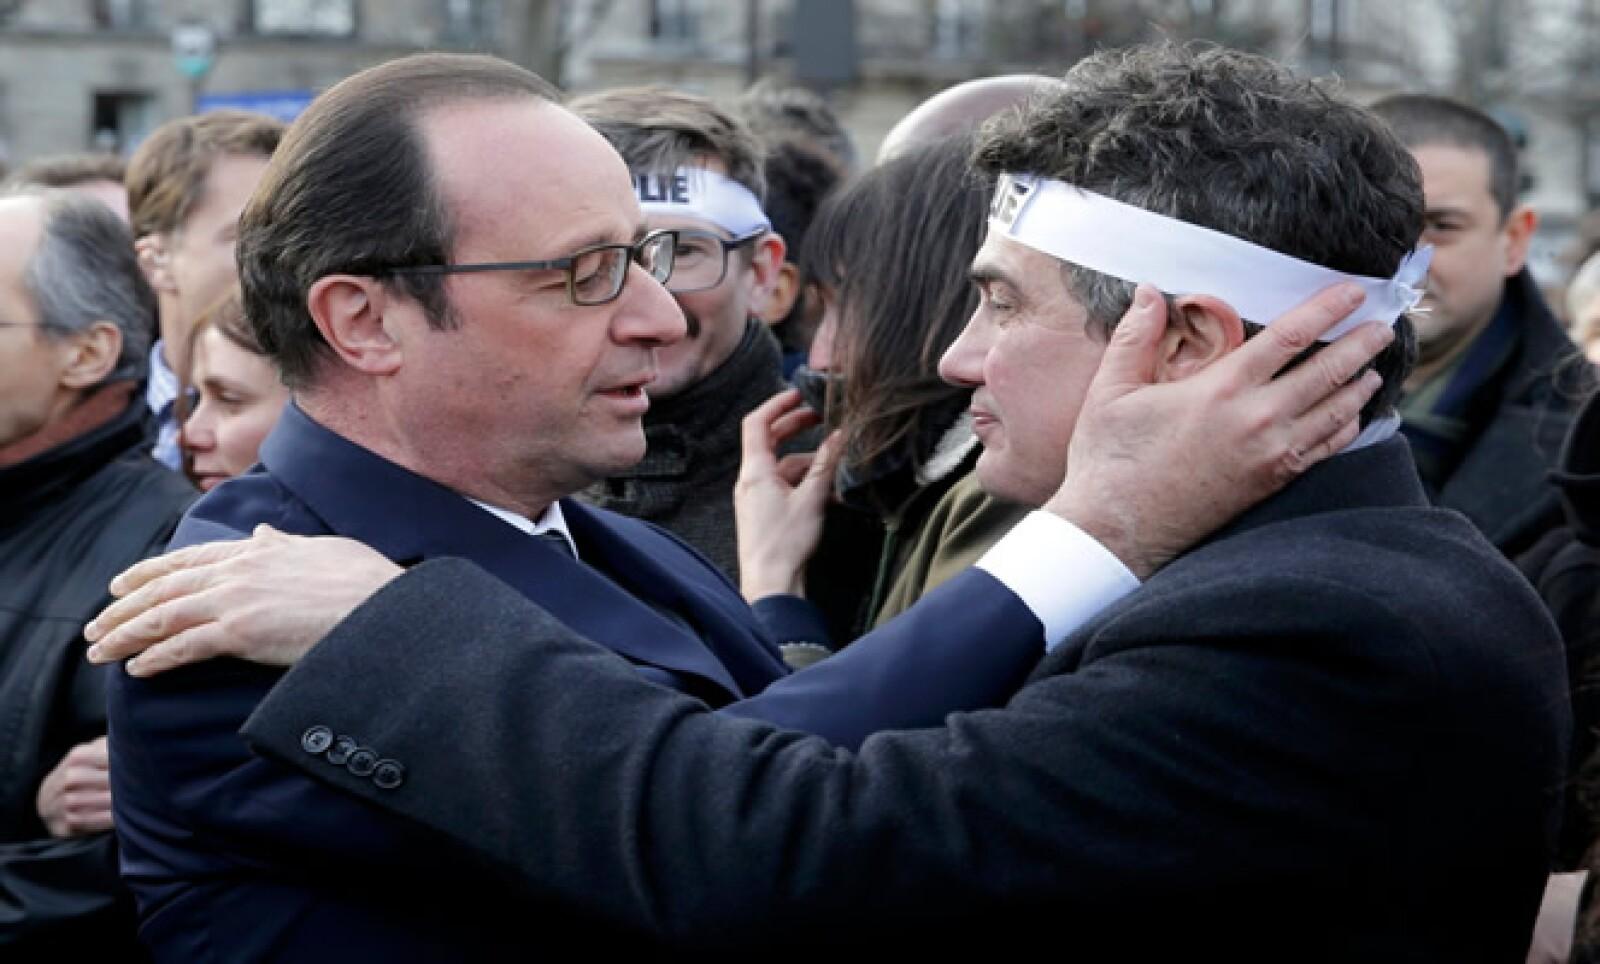 El mandatario consuela al columnista de Charlie Hebdo Patrick Pelloux durante la marcha en la que participaron familiares y parientes de las víctimas.